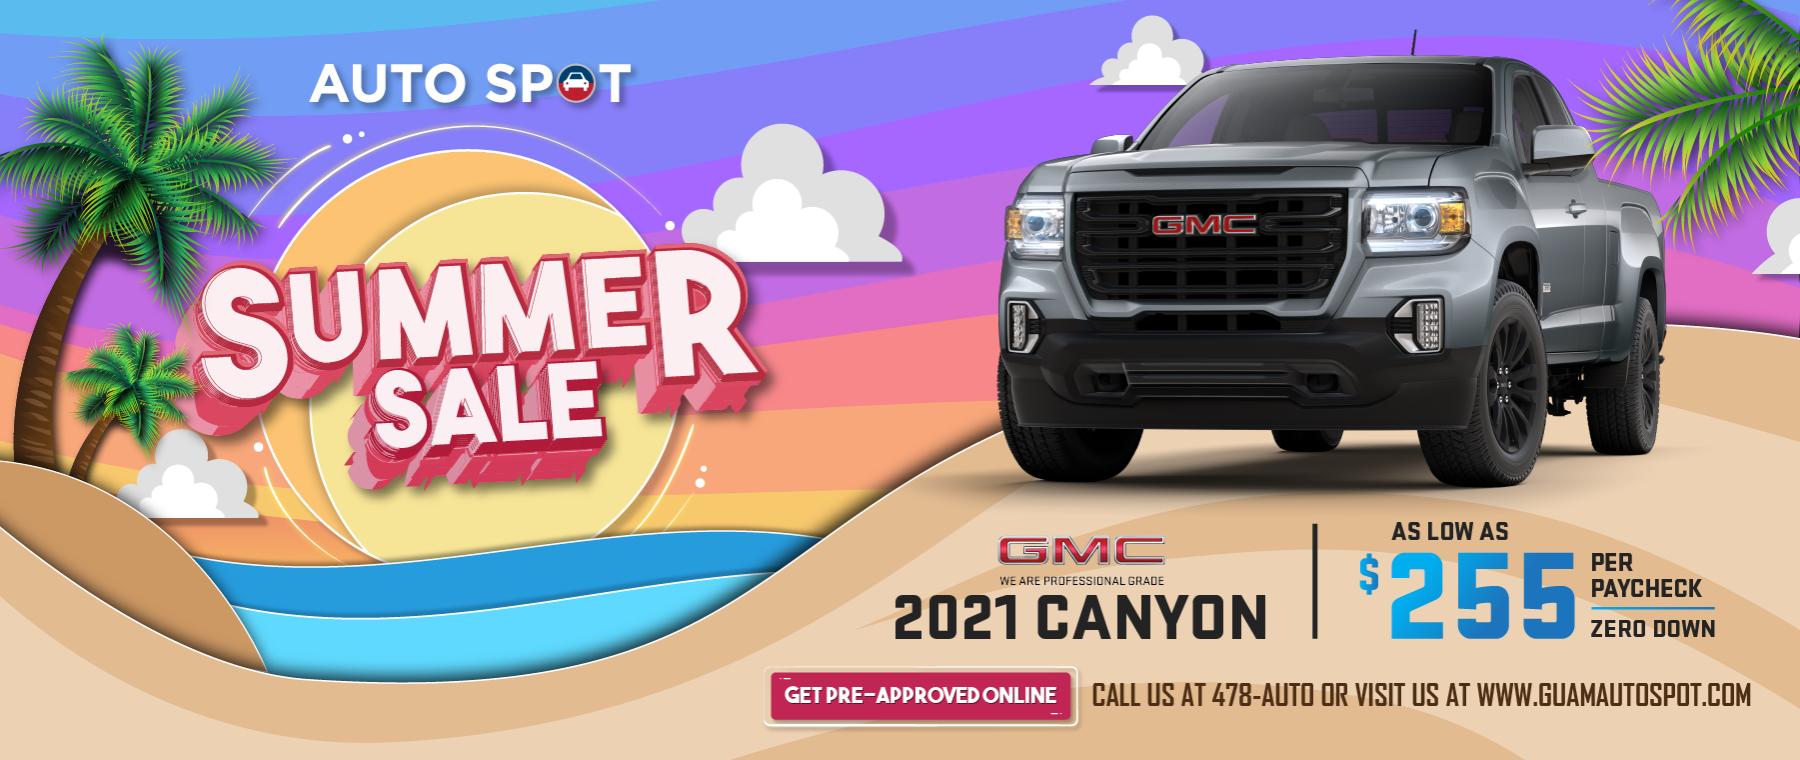 GMC Canyon_Web Bannerr 1800 x 760 px